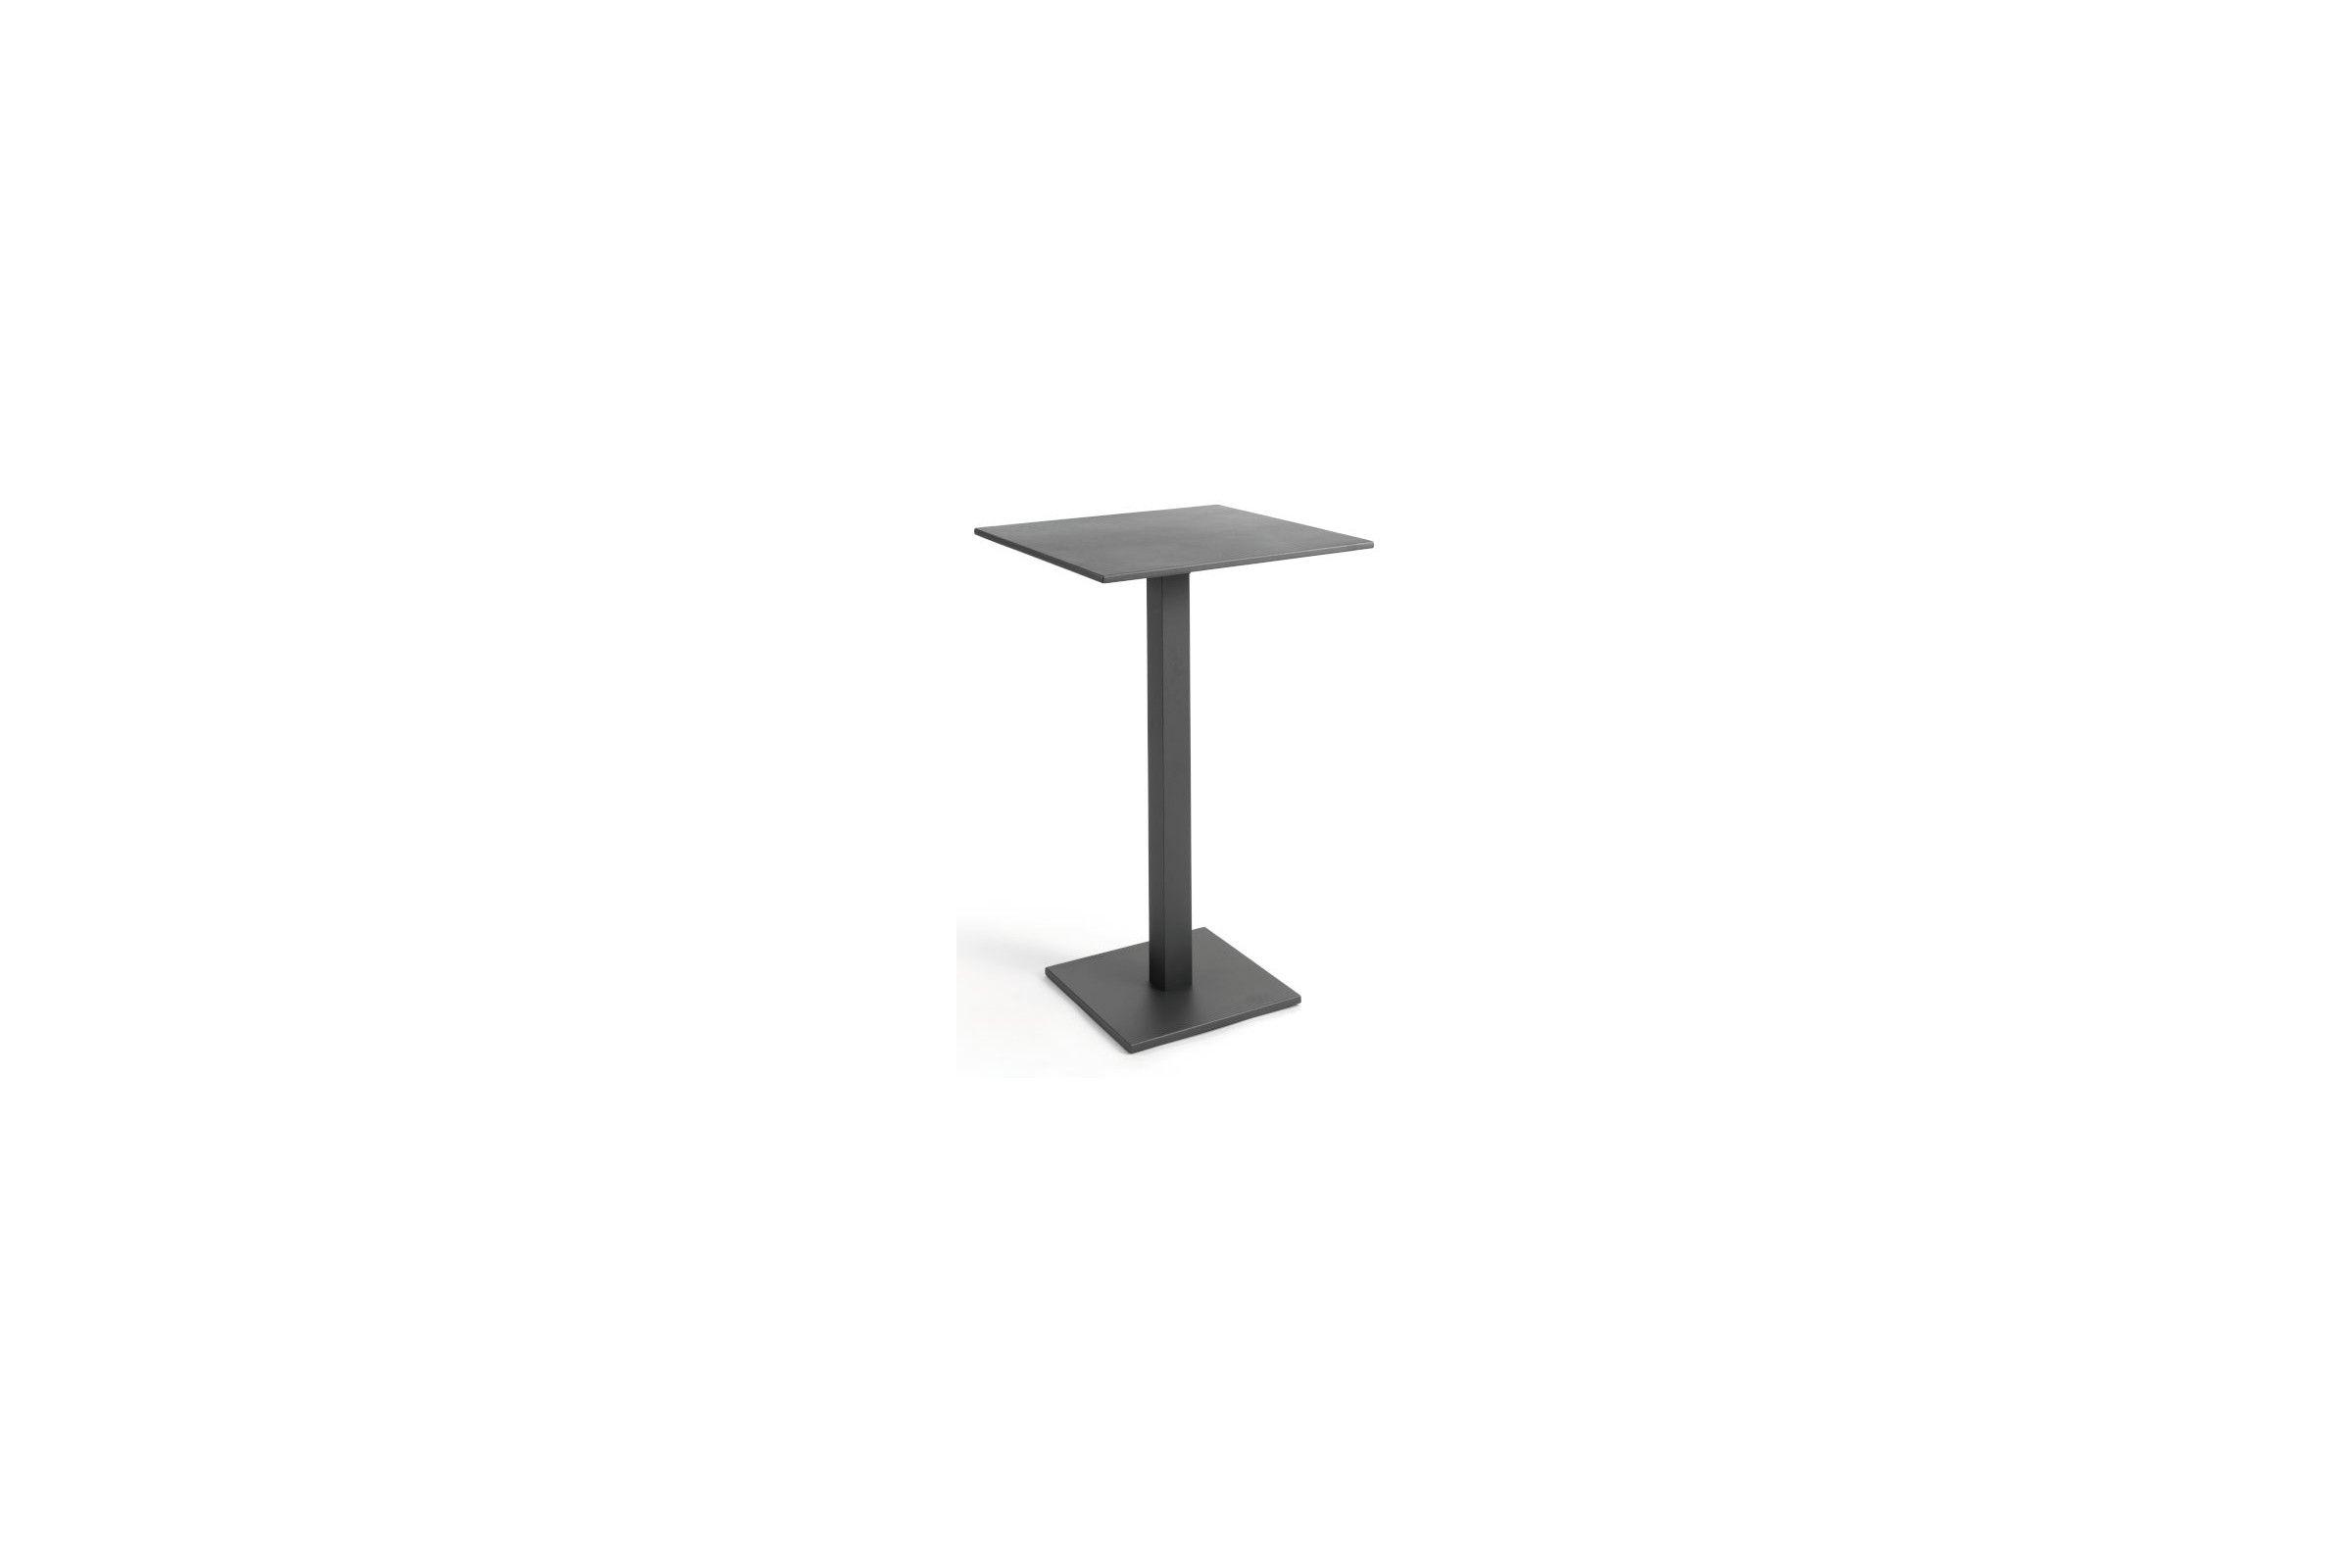 table de bar 70x70 cm en alu blanc ou charcoal repliable la galerie du teck. Black Bedroom Furniture Sets. Home Design Ideas